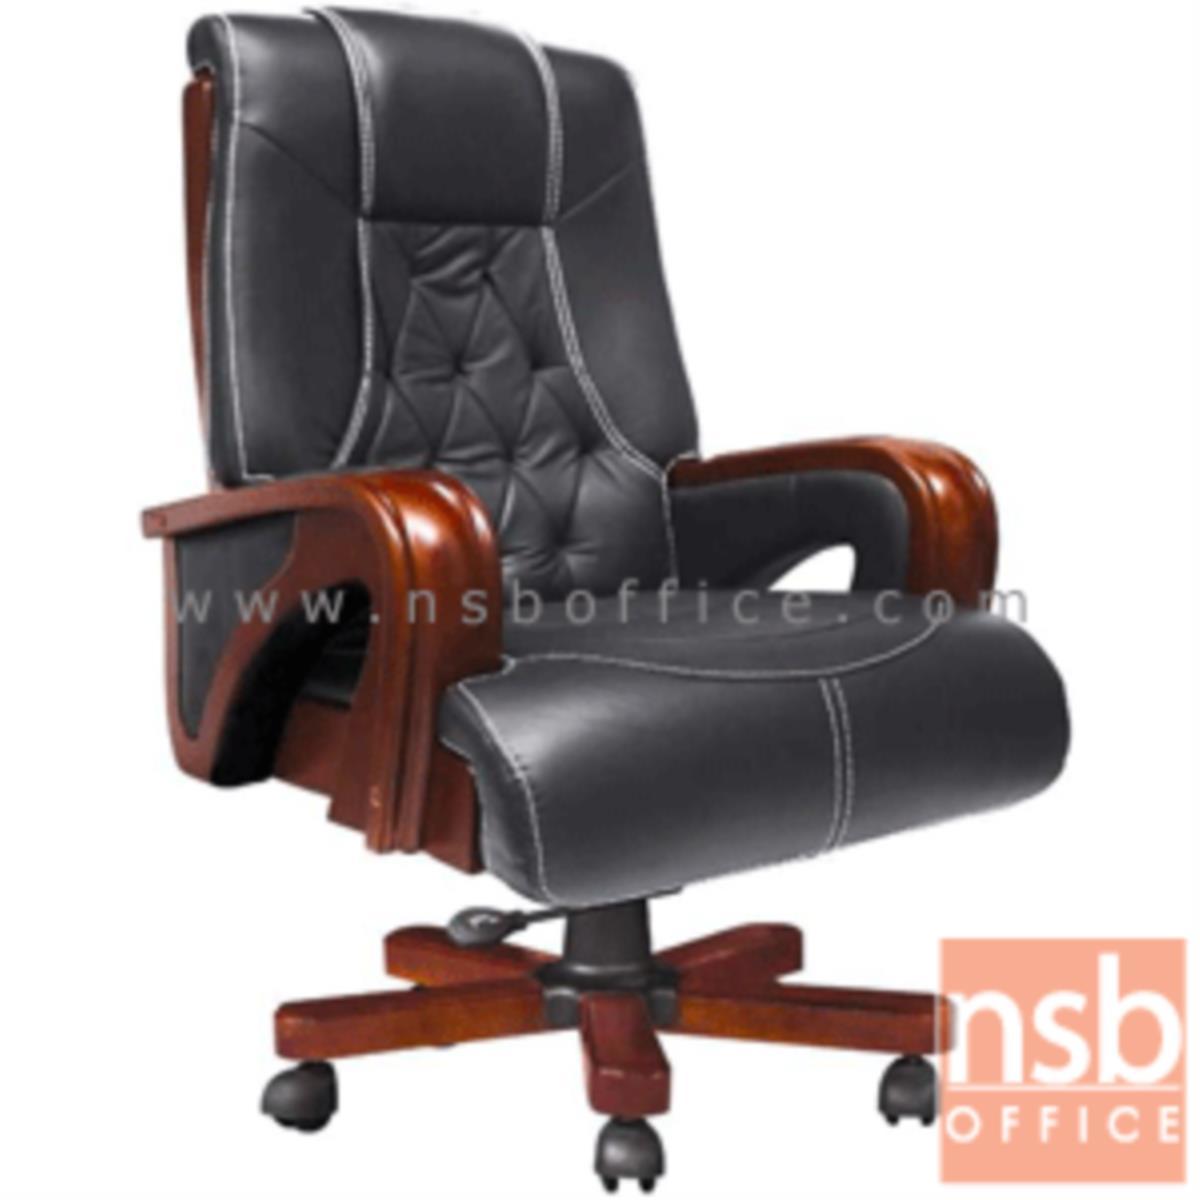 B25A065:เก้าอี้ผู้บริหารหนังแท้ รุ่น Ferrell (เฟอร์เรล)  โช๊คแก๊ส มีก้อนโยก ขาไม้